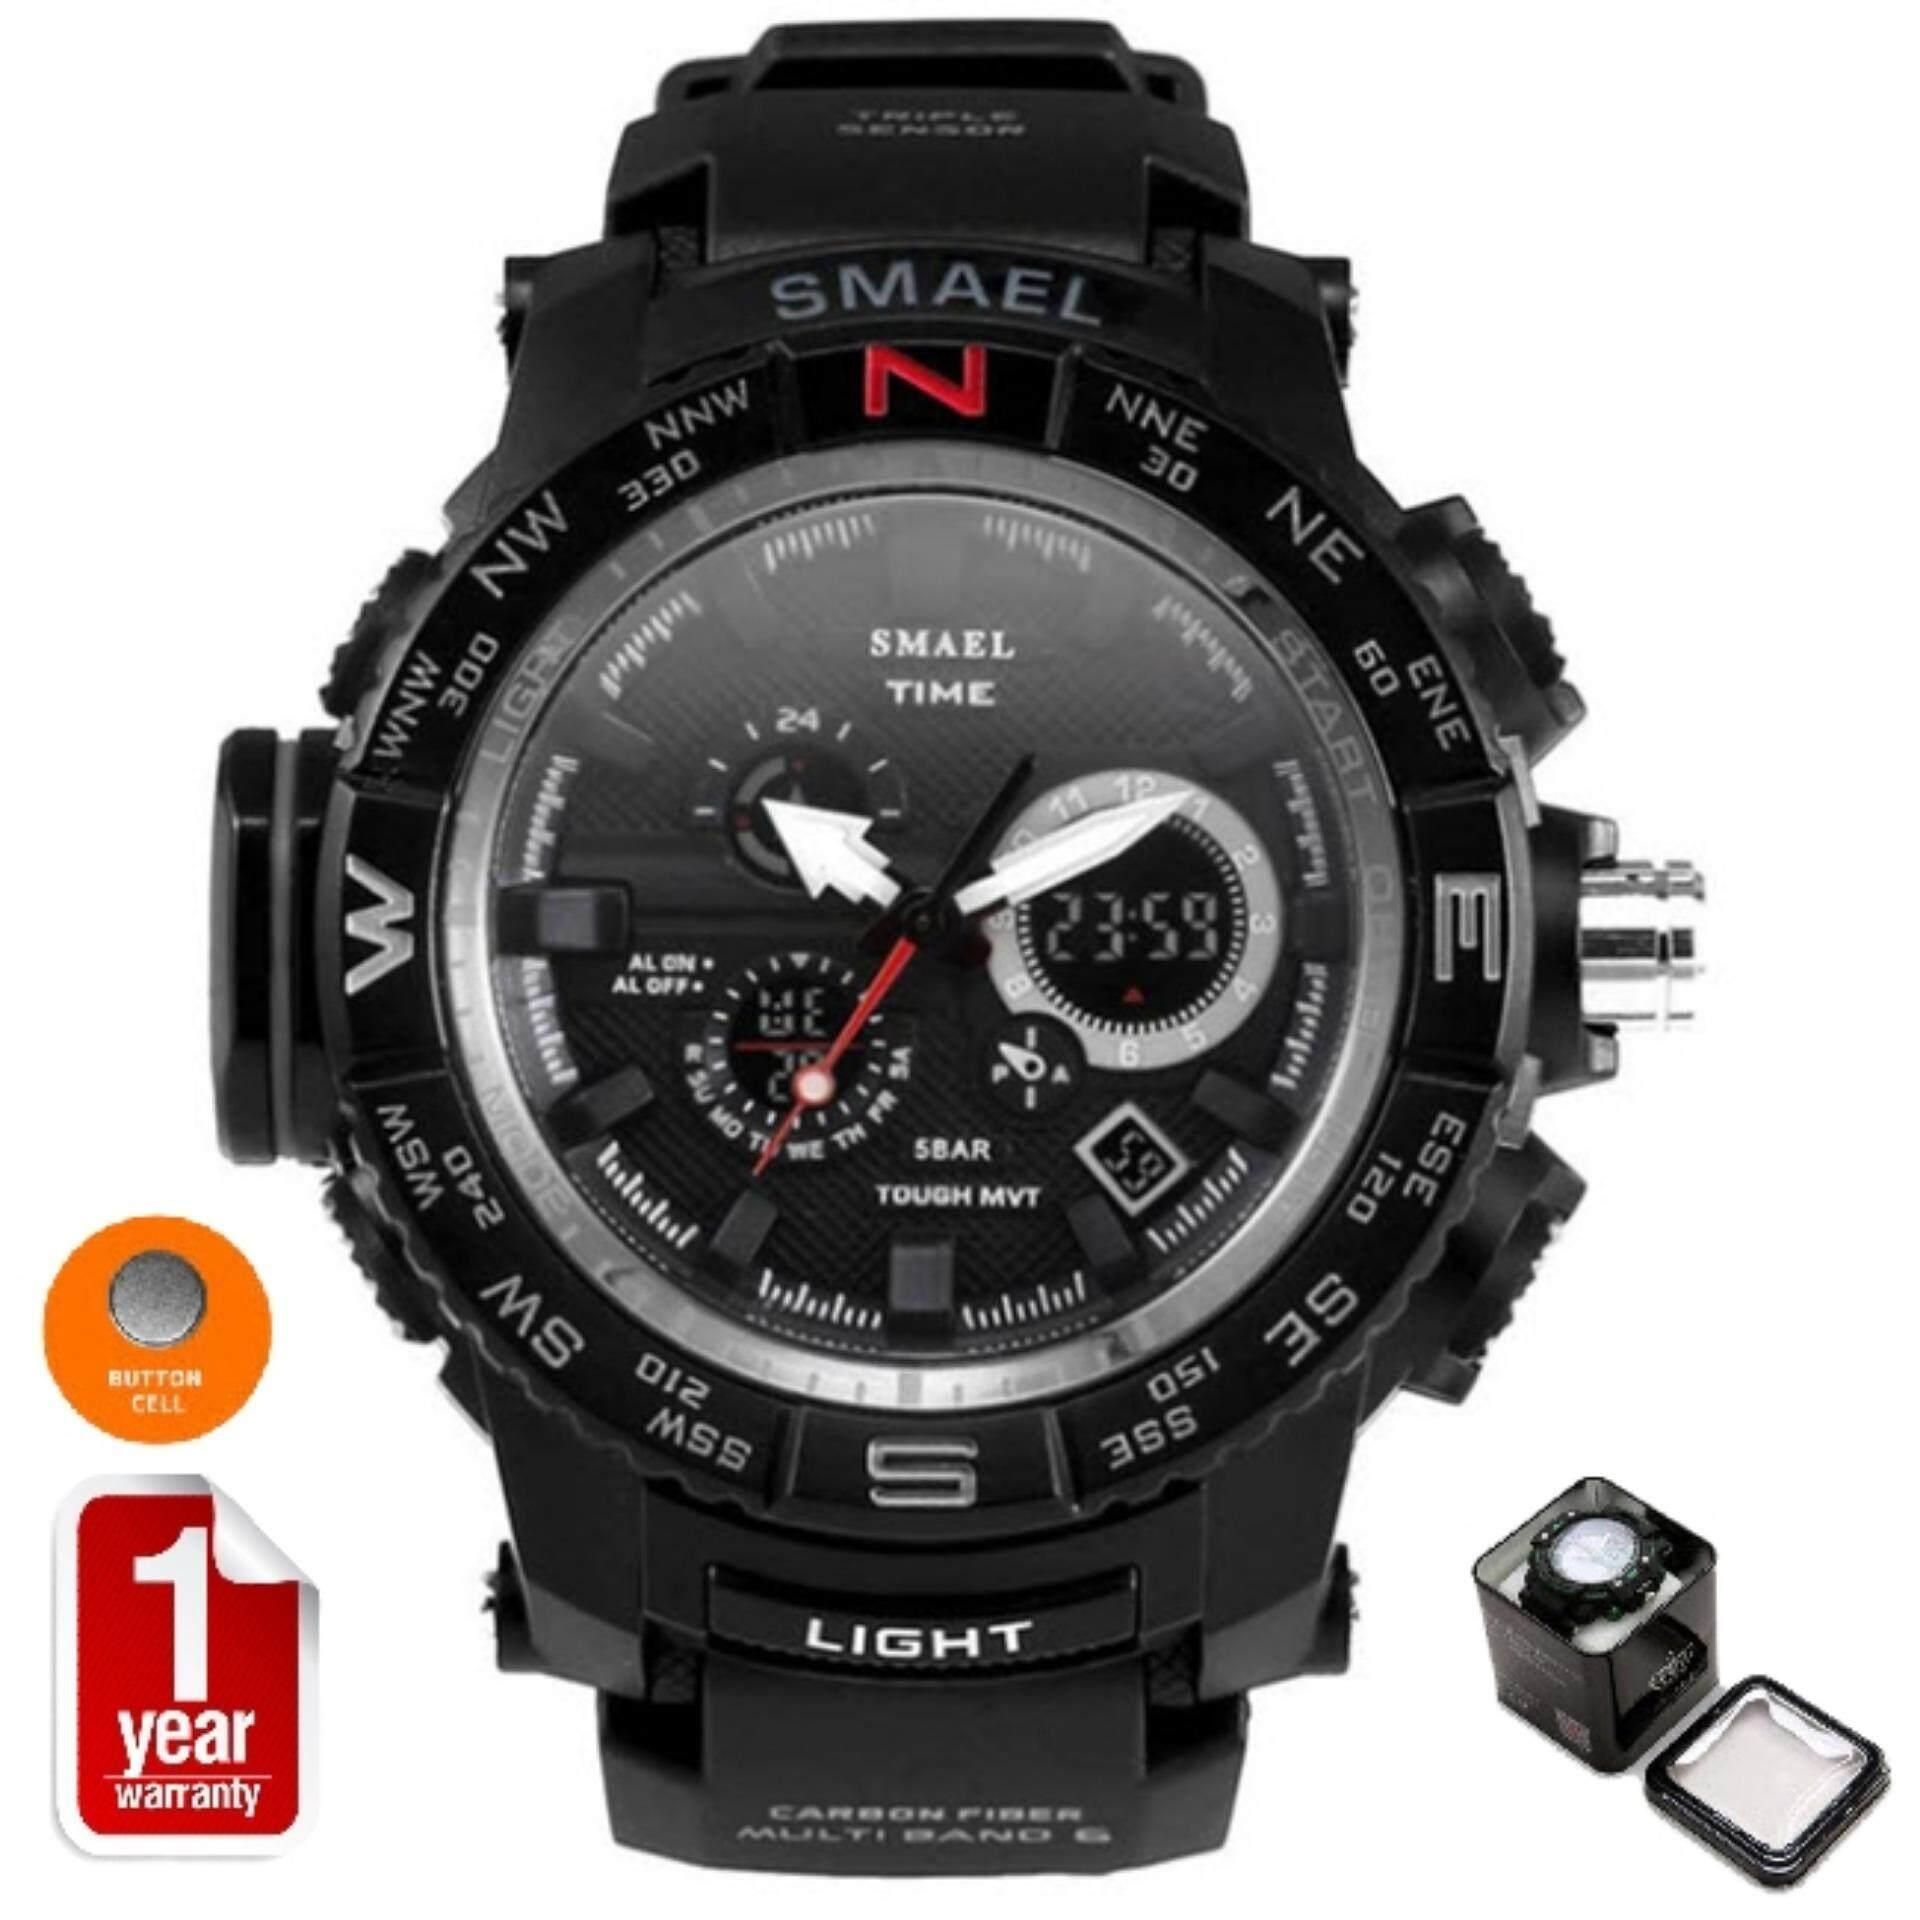 ซื้อ Smael นาฬิกาข้อมือผู้ชาย Sport Digital Led รุ่น Sm1531 Black ถูก ใน สมุทรปราการ